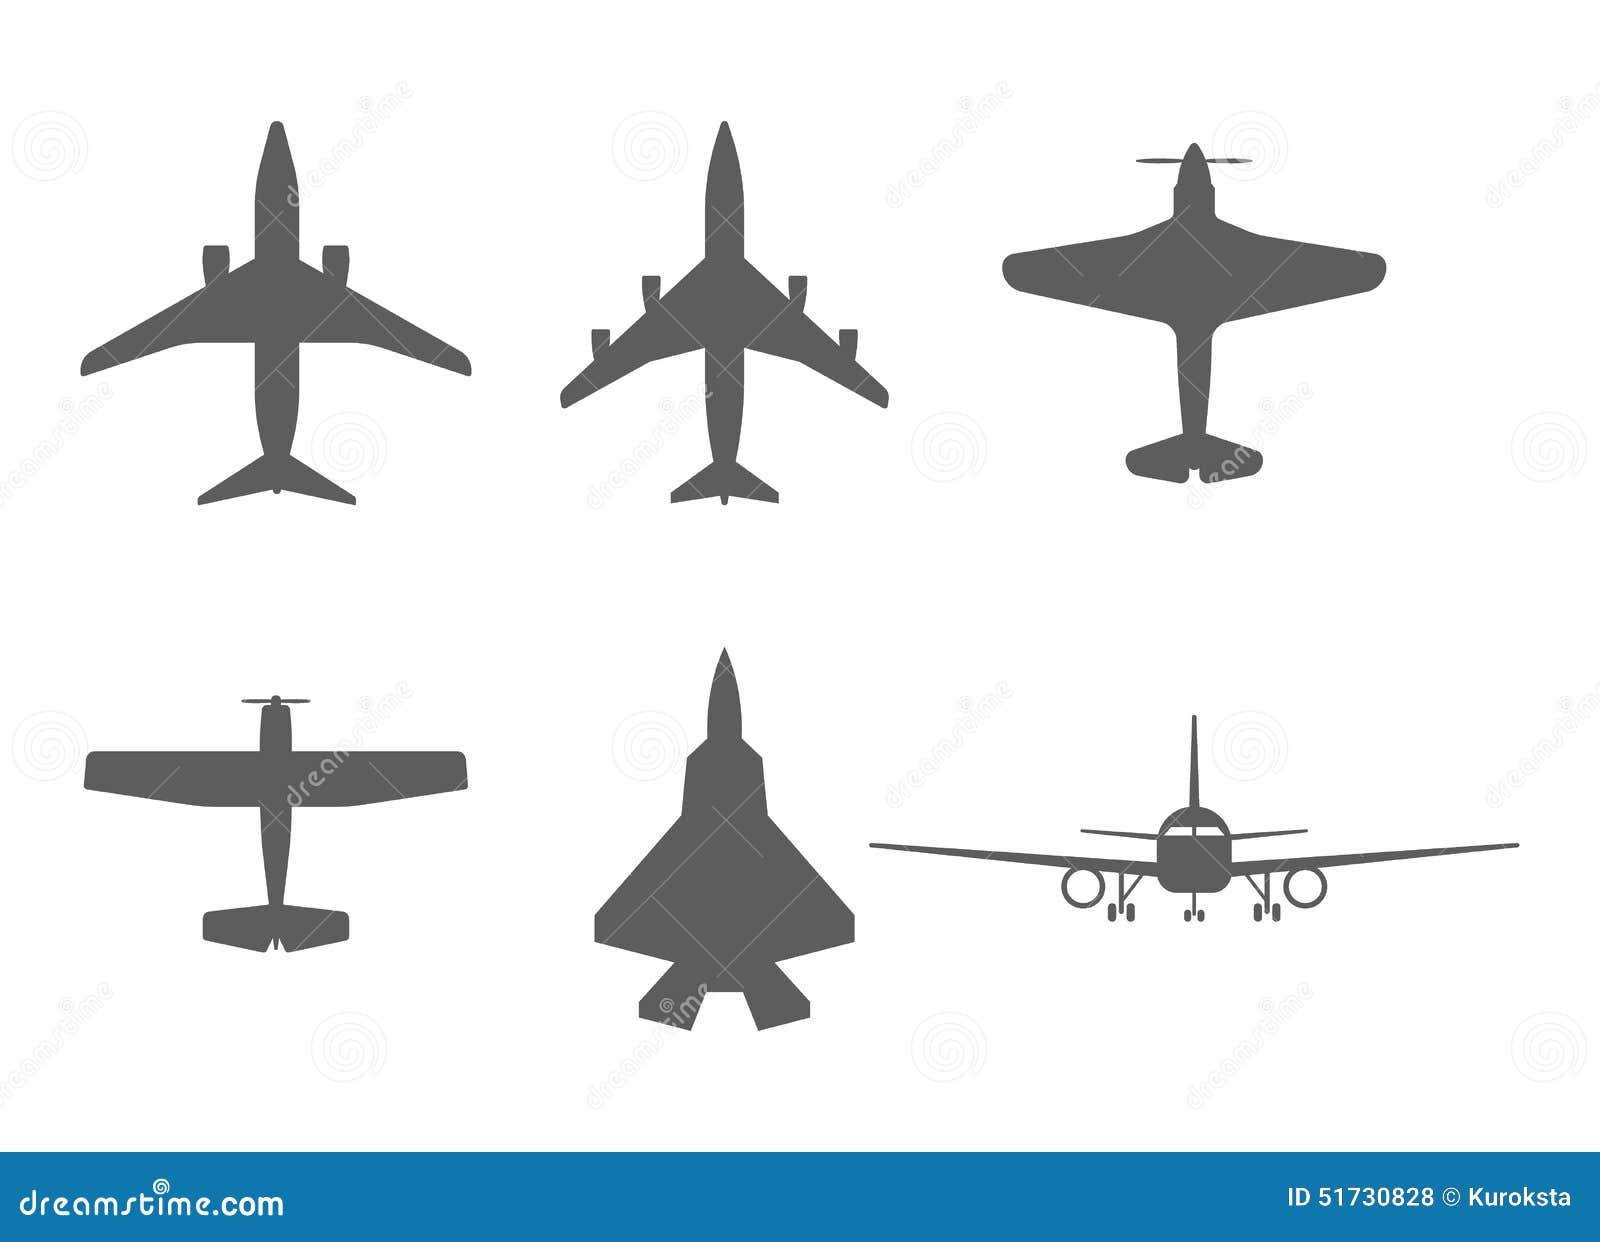 Iconos Del Aeroplano Fijados: Avión De Pasajeros, Avión De Combate Y ...